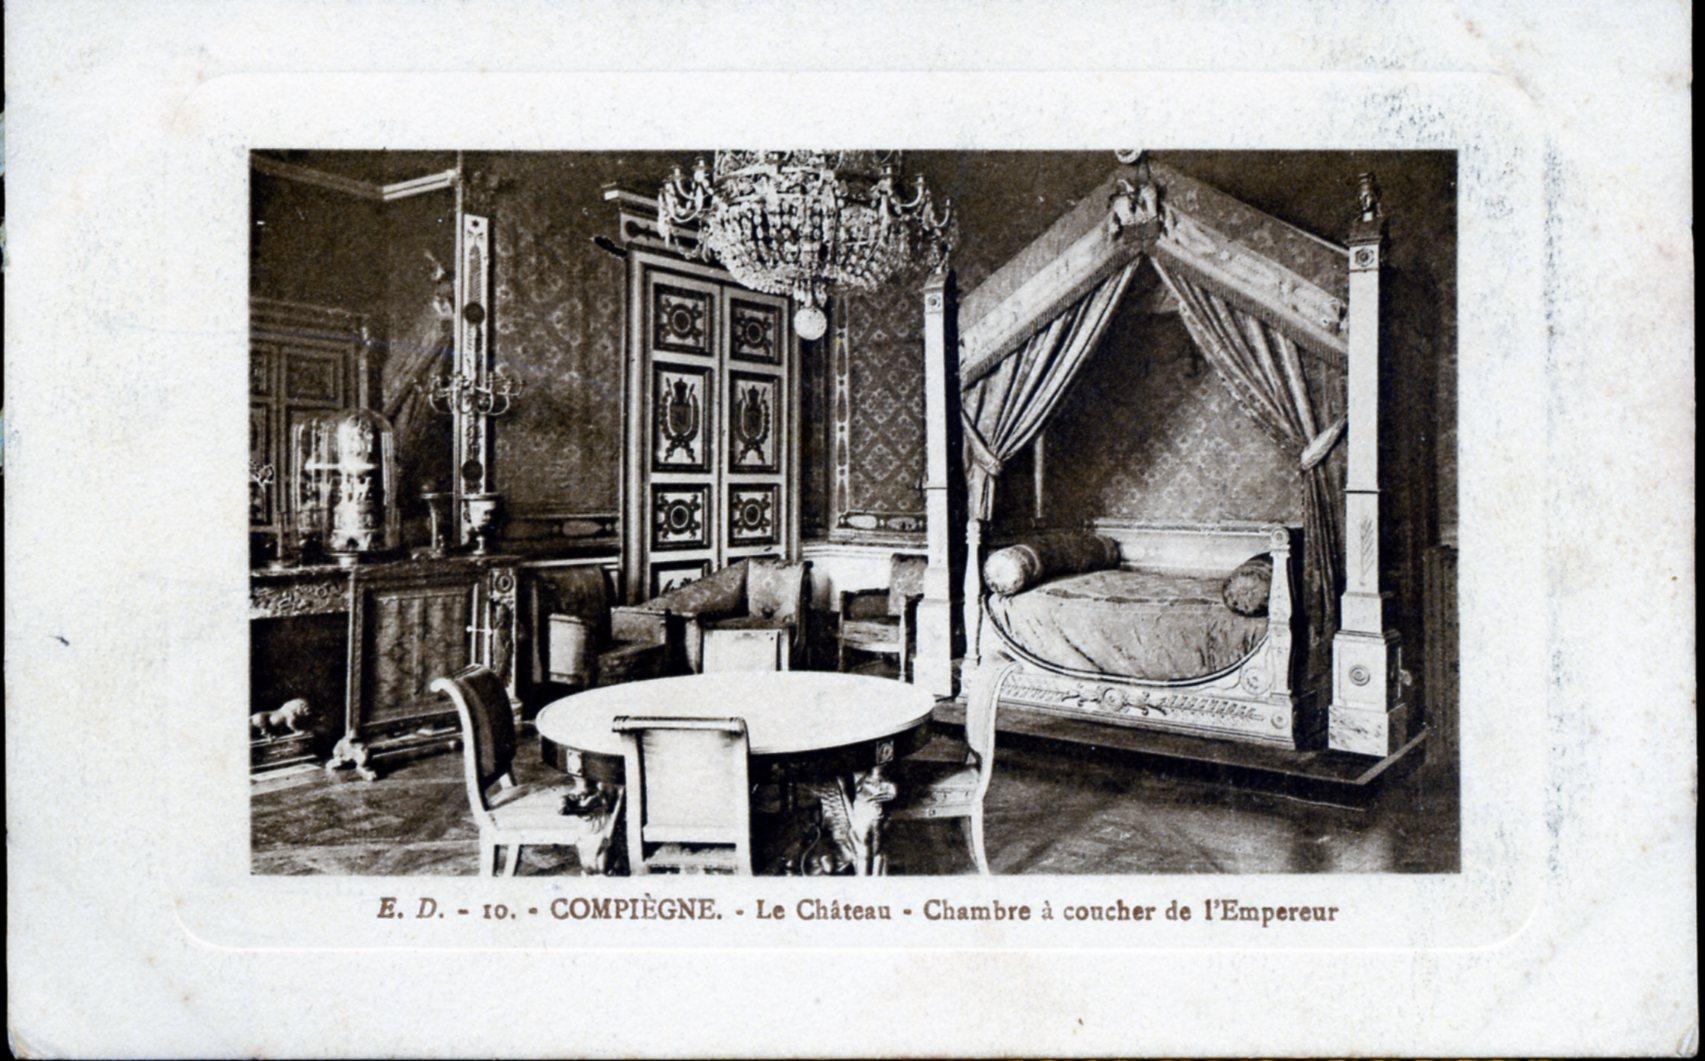 Photo compi gne 60200 le ch teau chambre coucher - Chambre a coucher ancienne ...